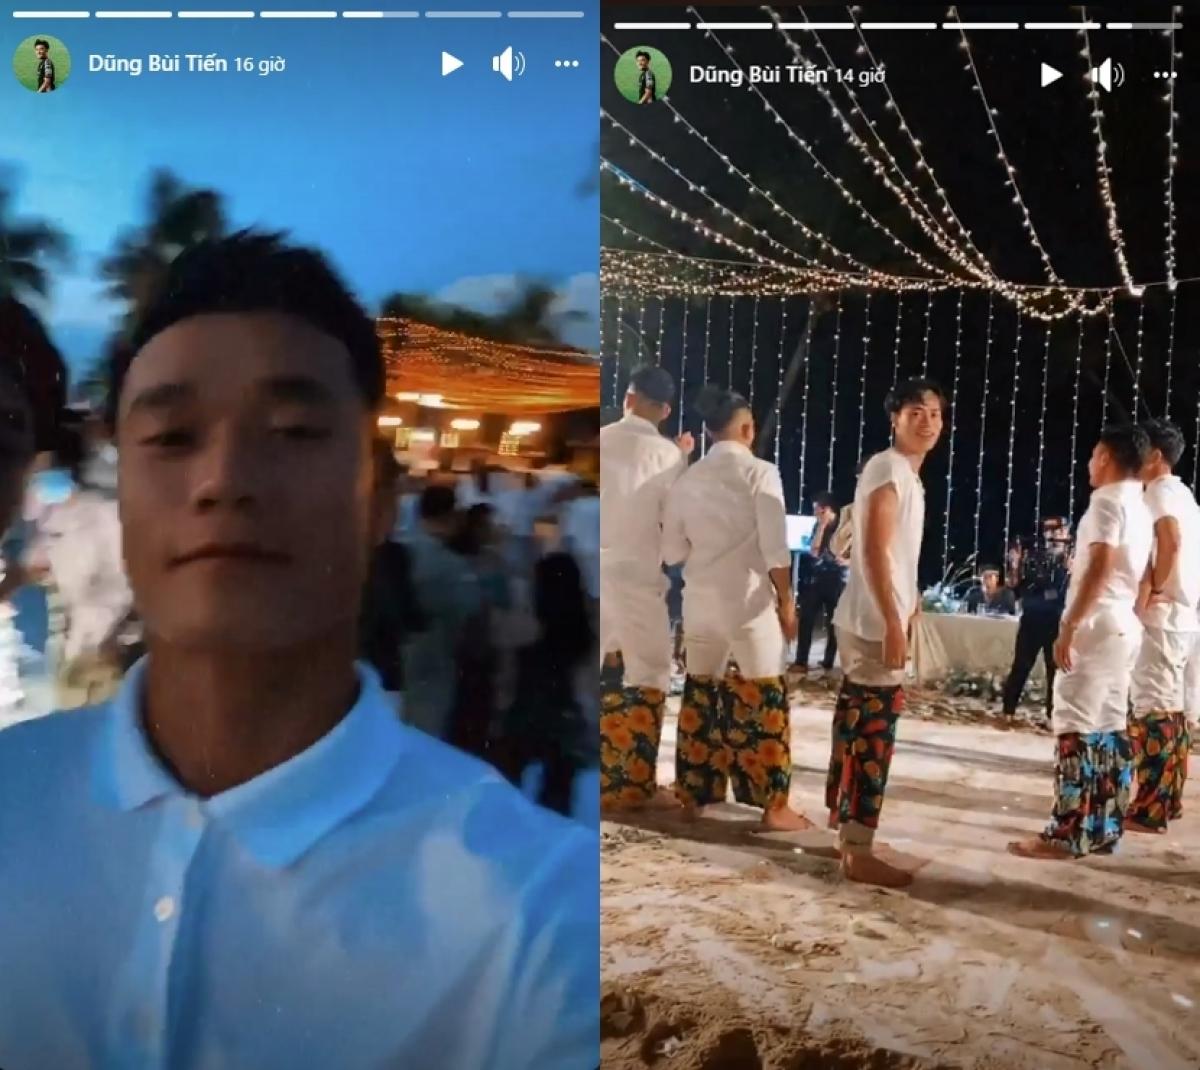 Thủ môn Bùi Tiến Dũng làm thỏa lòng người hâm mộ khi chia sẻ khá nhiều khoảnh khắc tại đám cưới Công Phượng trên trang cá nhân. (Ảnh: FB Bùi Tiến Dũng)